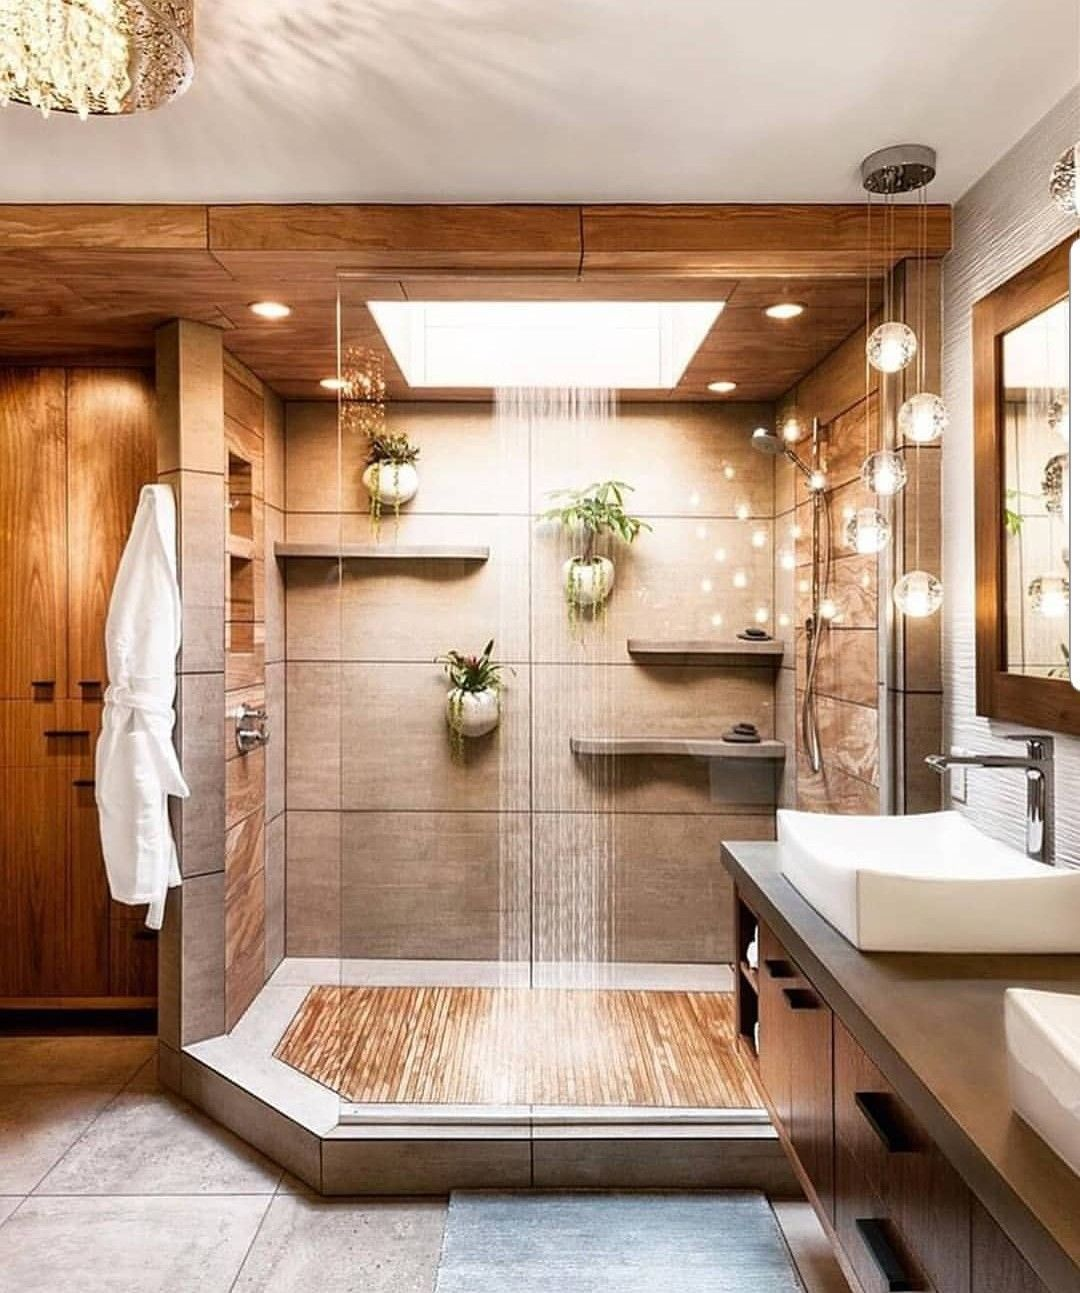 Teak Floors In A Walk In Shower Idealbathroomdesign Simple Bathroom Remodel Cheap Bathroom Remodel Small Bathroom Remodel